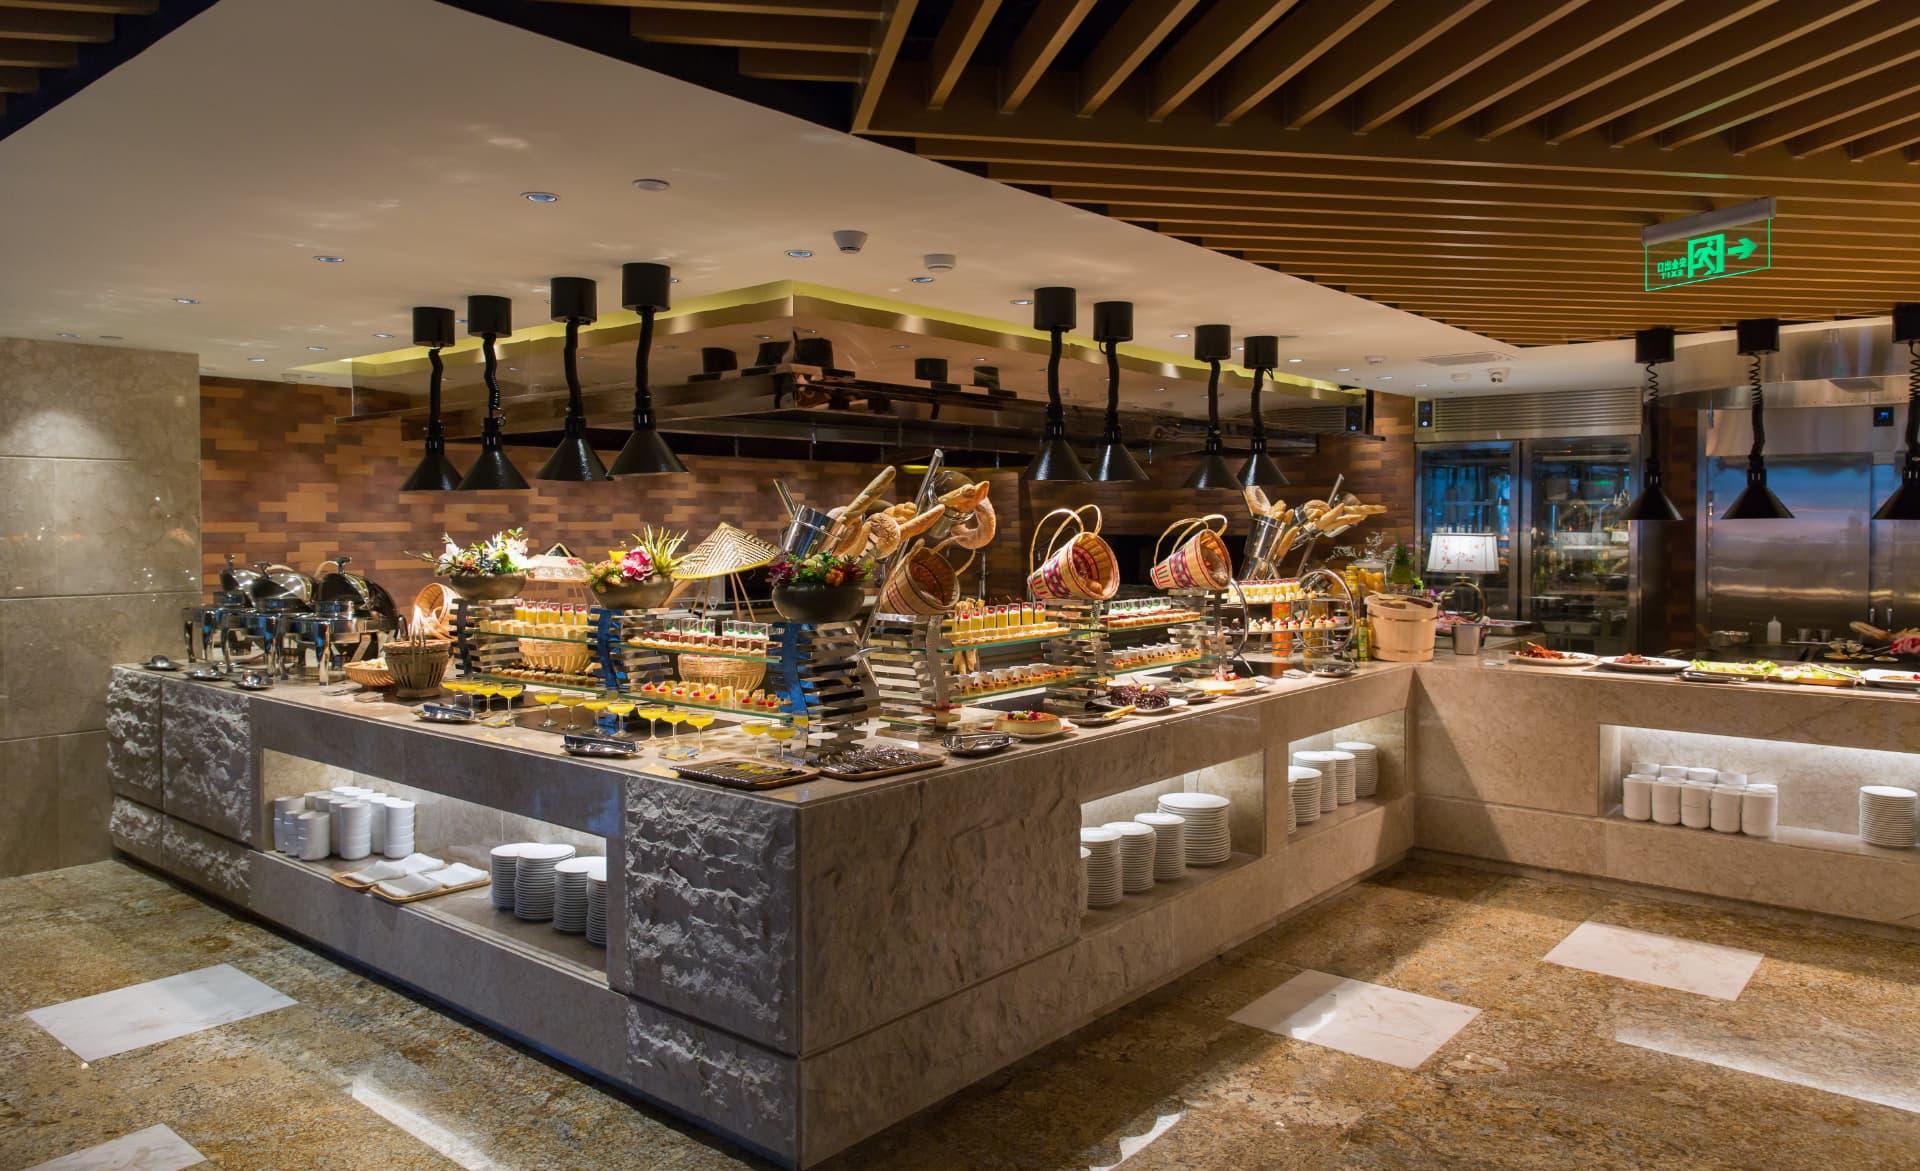 GGJSHN-TasteRestaurant2.jpg